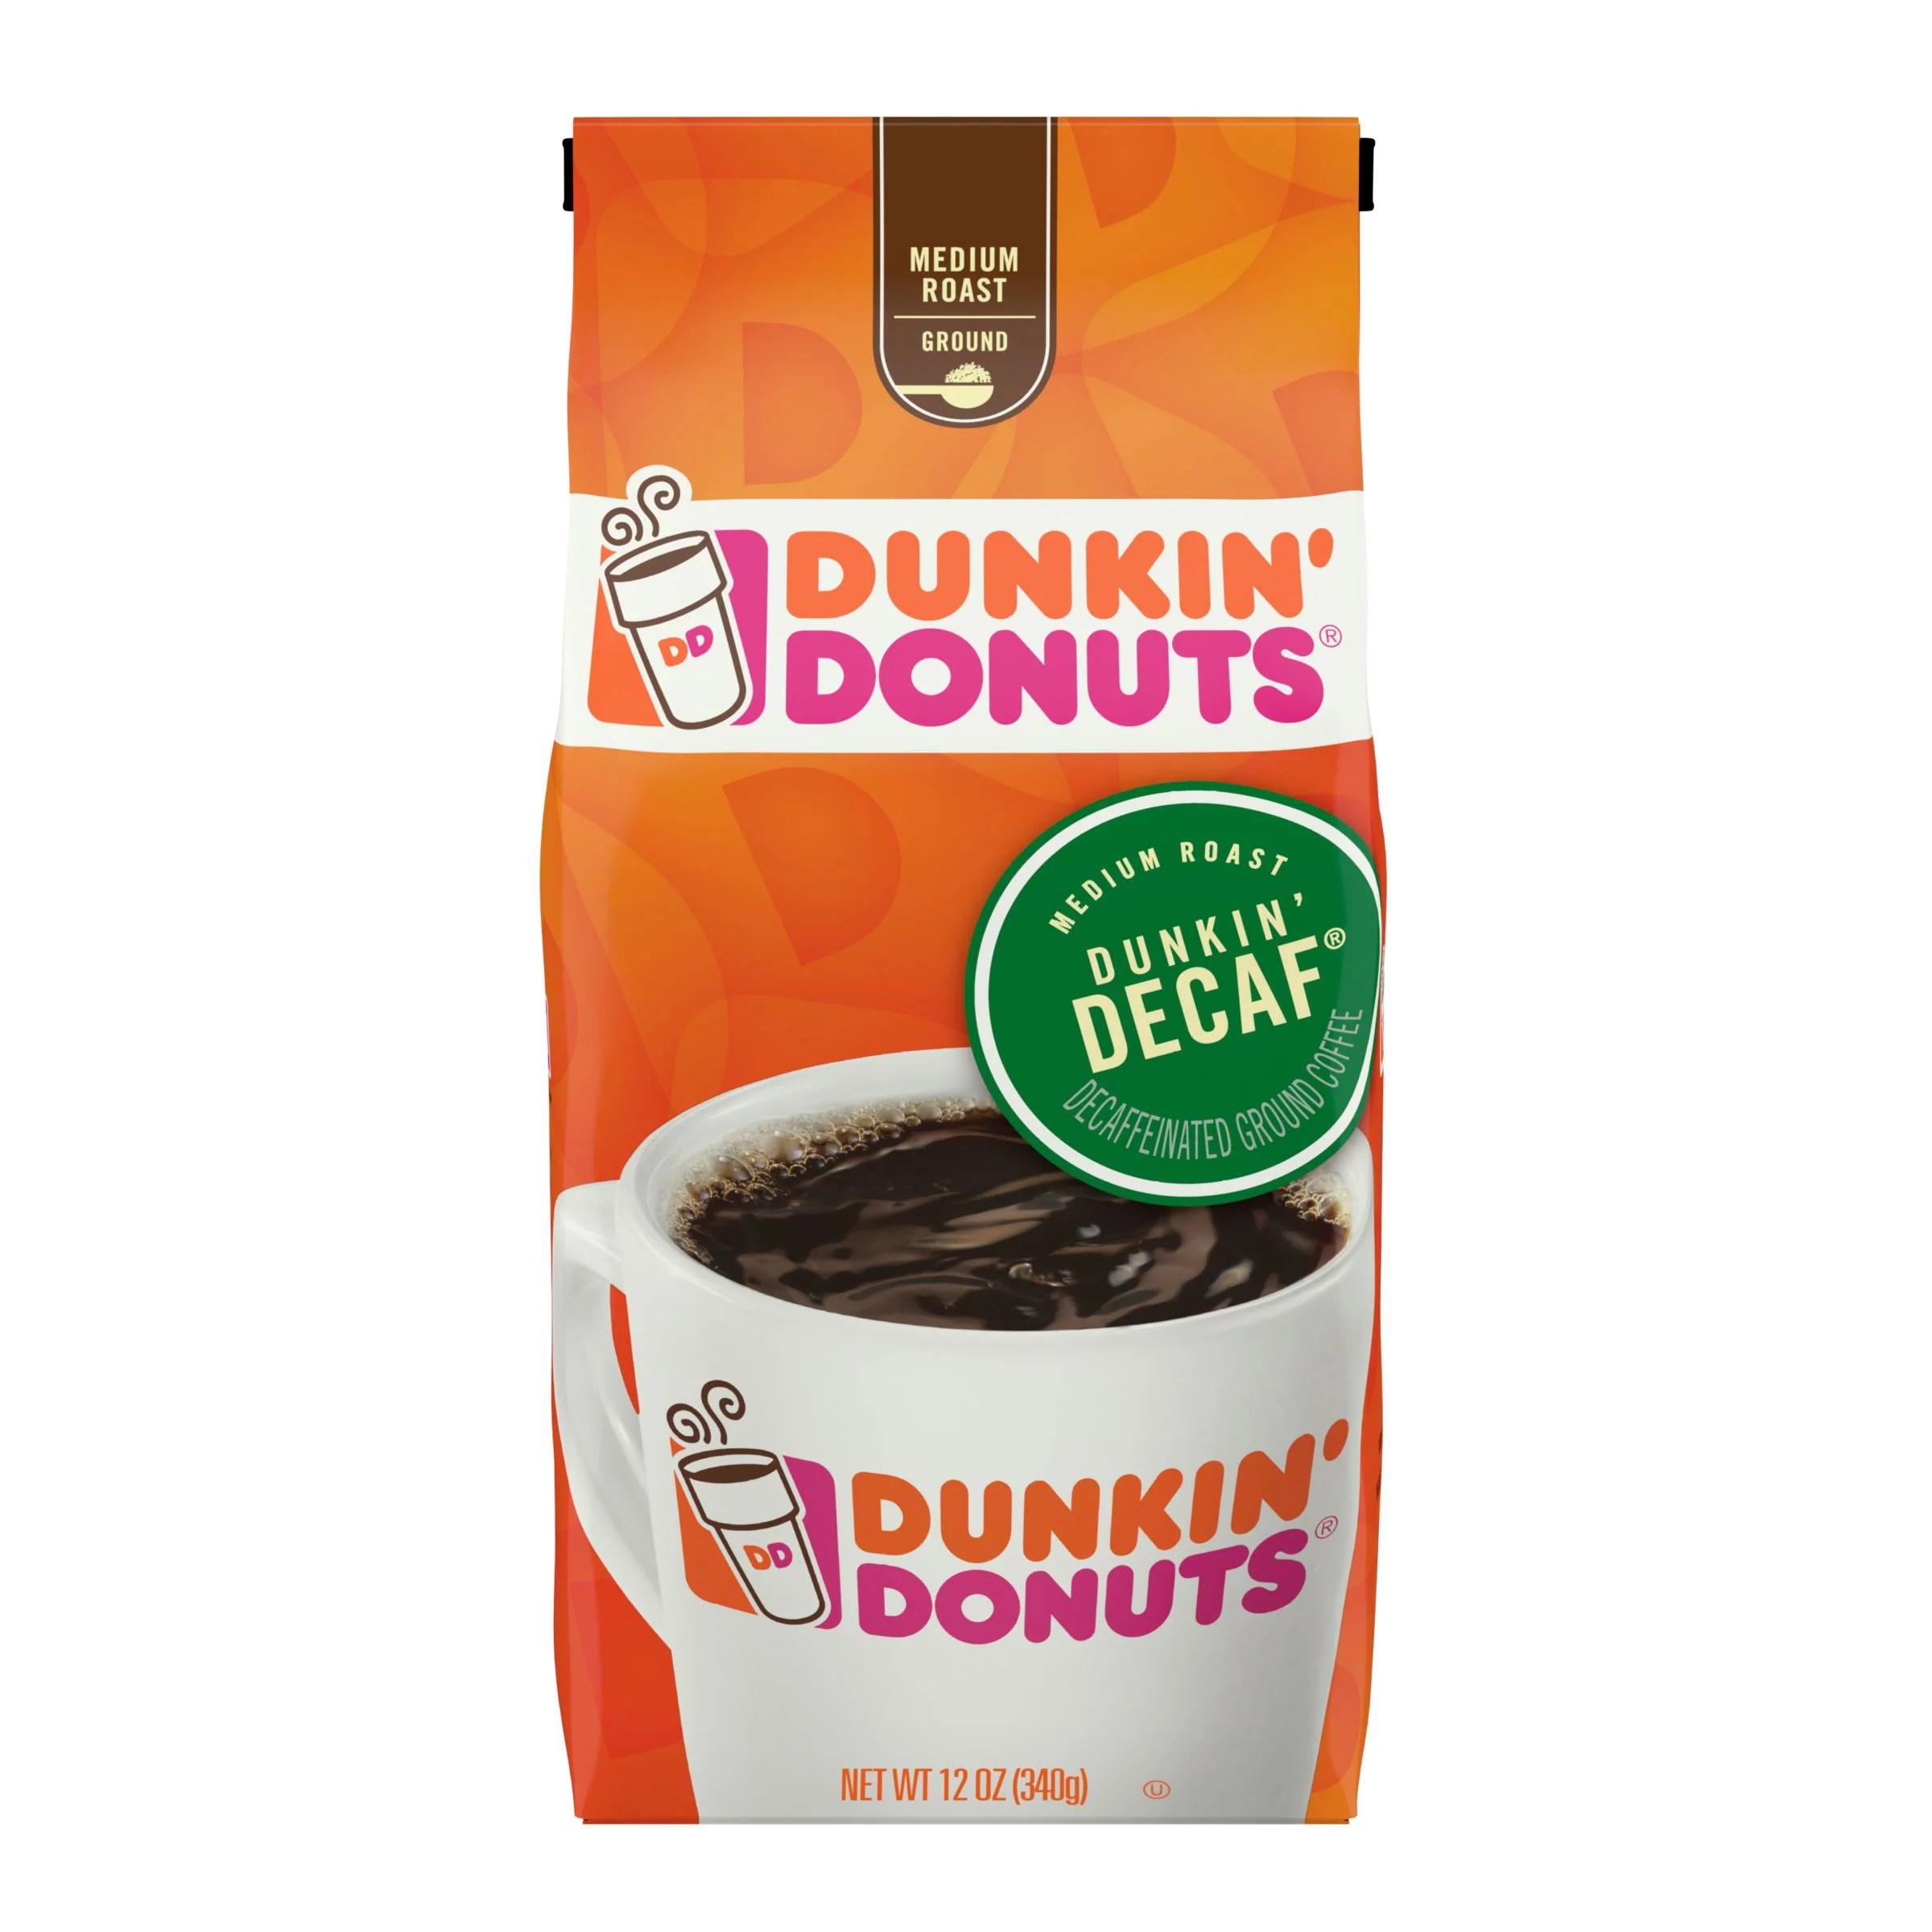 Dunkin' Donuts Decaf Medium Roast Ground Coffee 12 oz ...